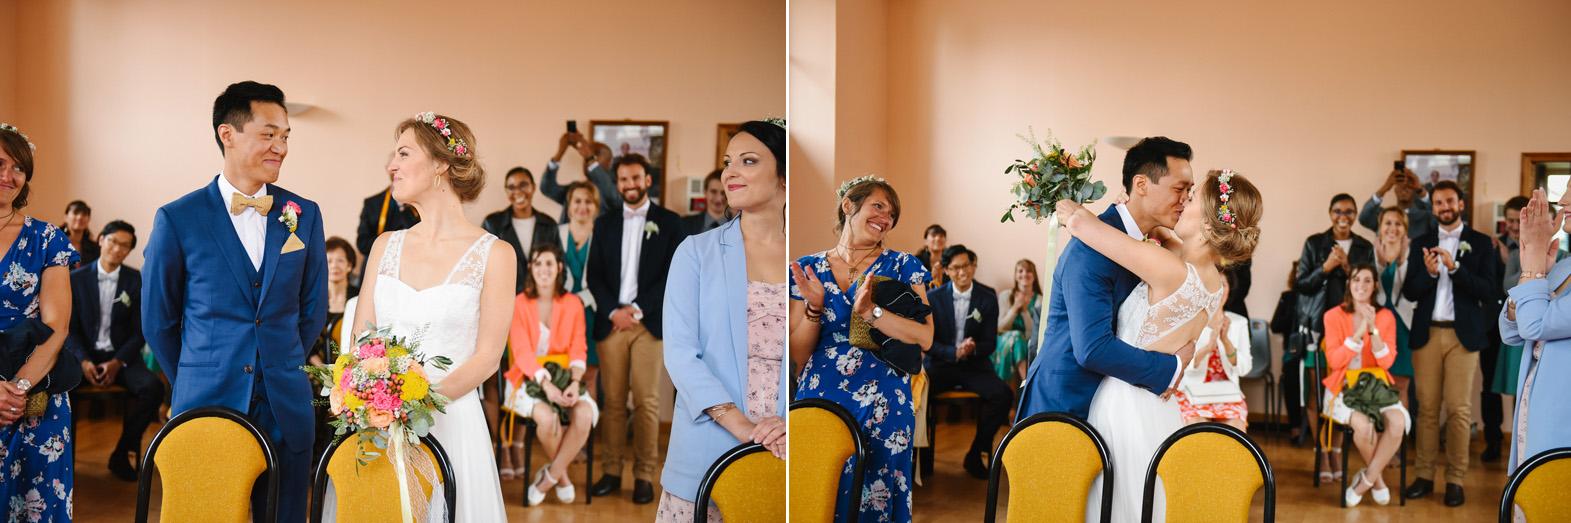 mariage_LW_domaine de la Pepiniere_seine-et-marne_77_photographie_clemence_dubois MEP11